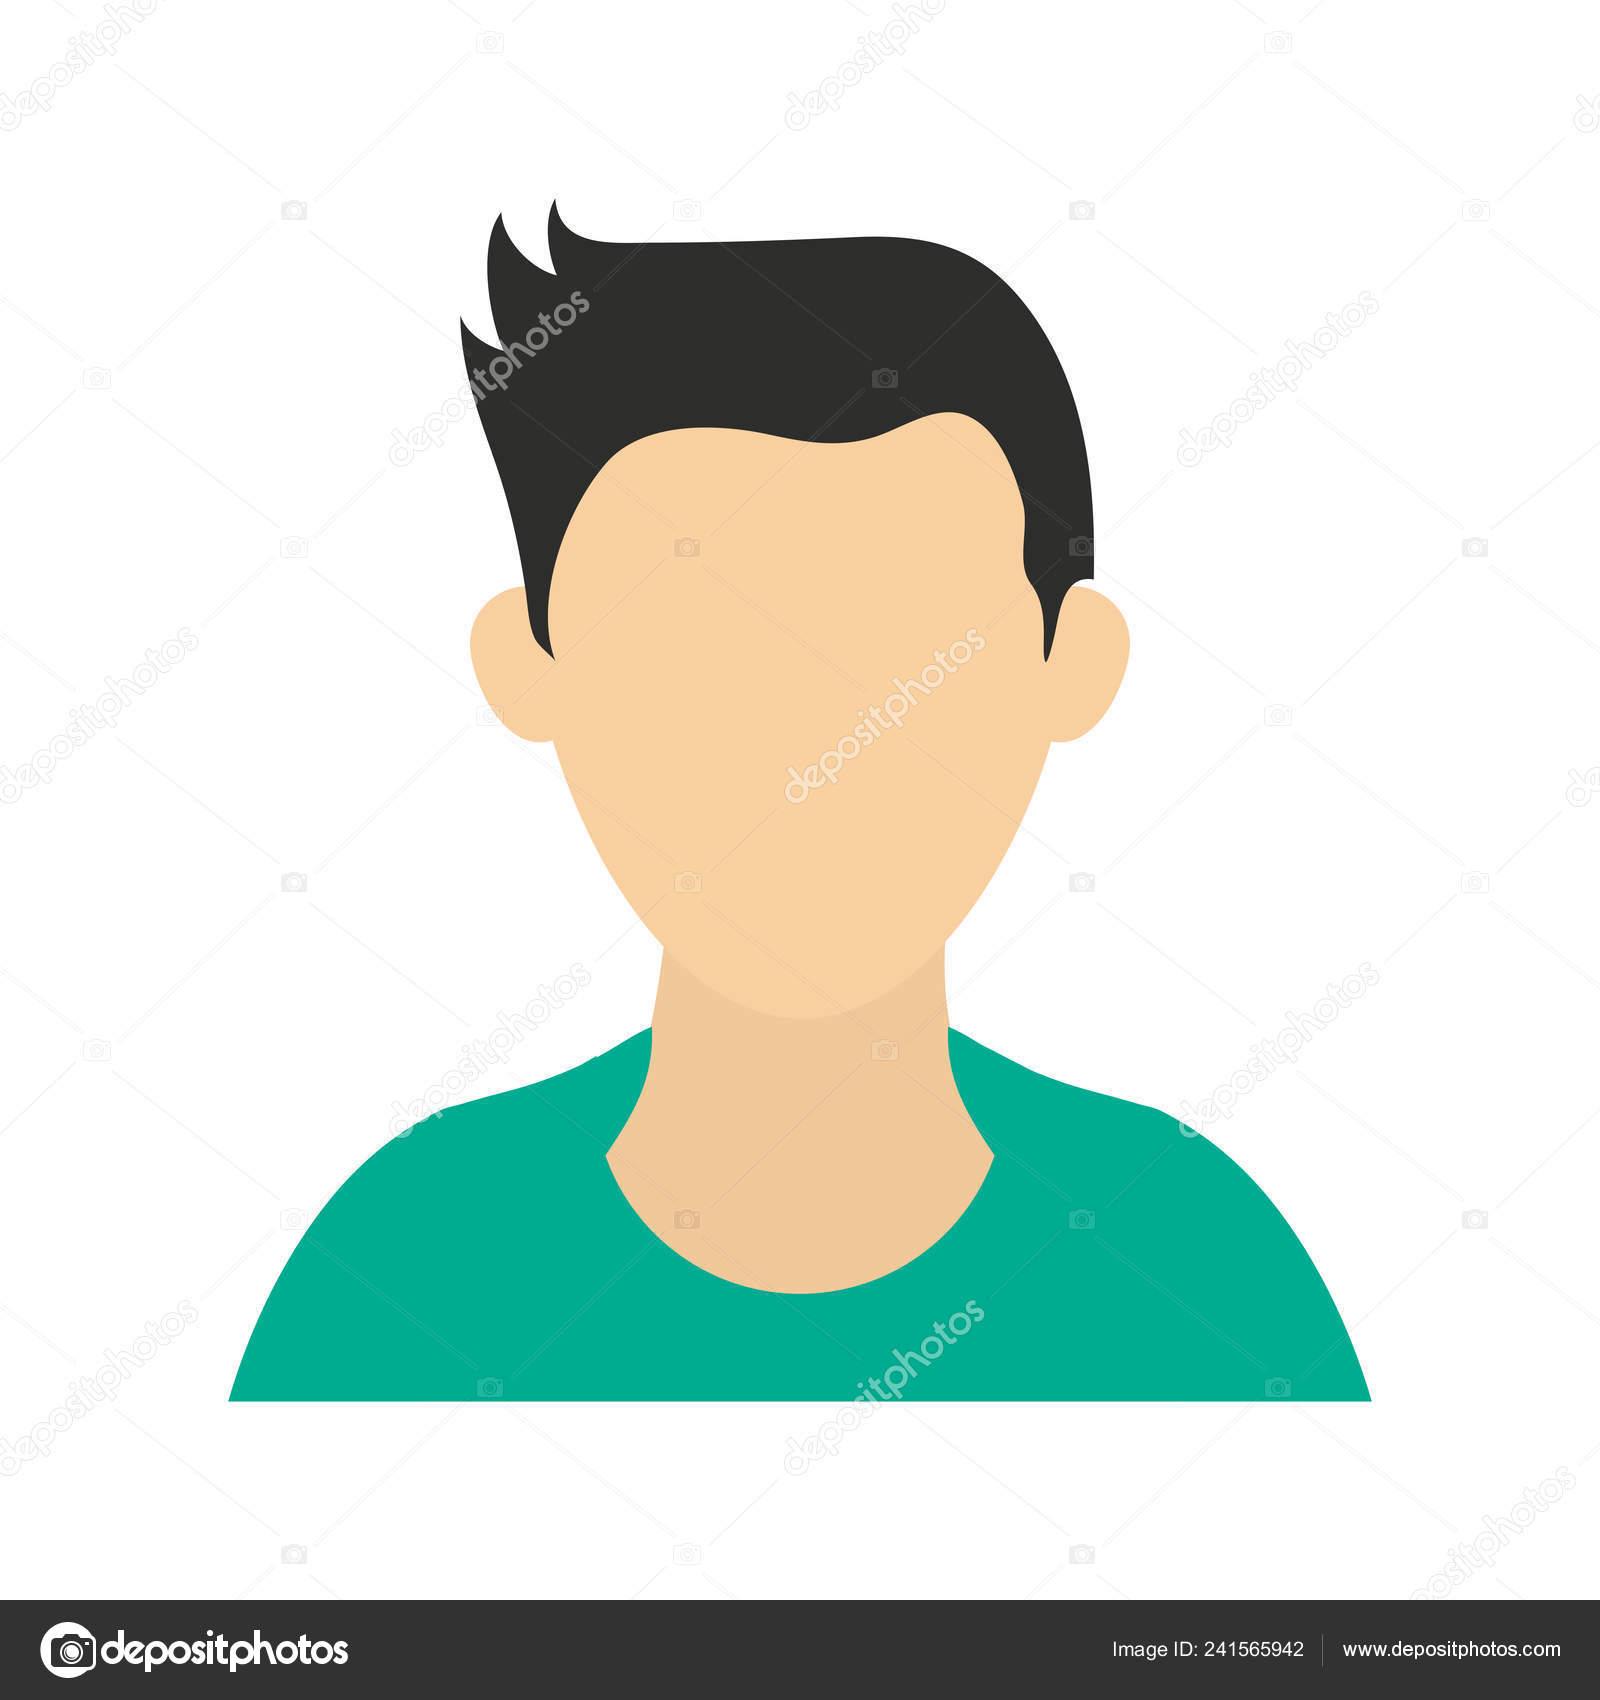 Profil De Mâles Sans Visage Avatar Image Vectorielle